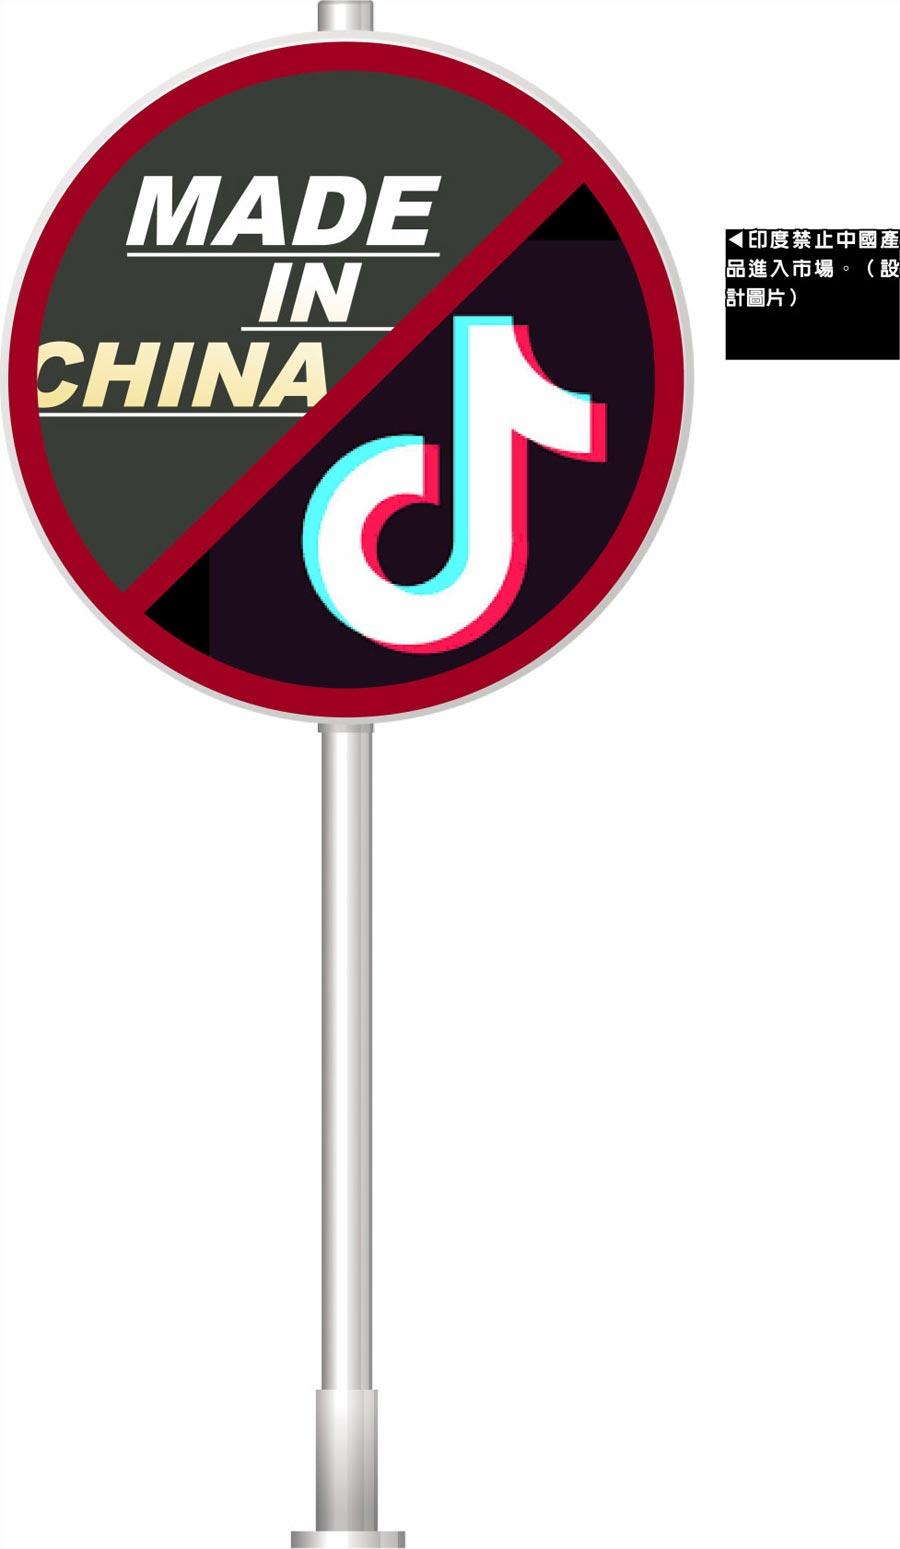 印度禁止中國產品進入市場。(設計圖片)